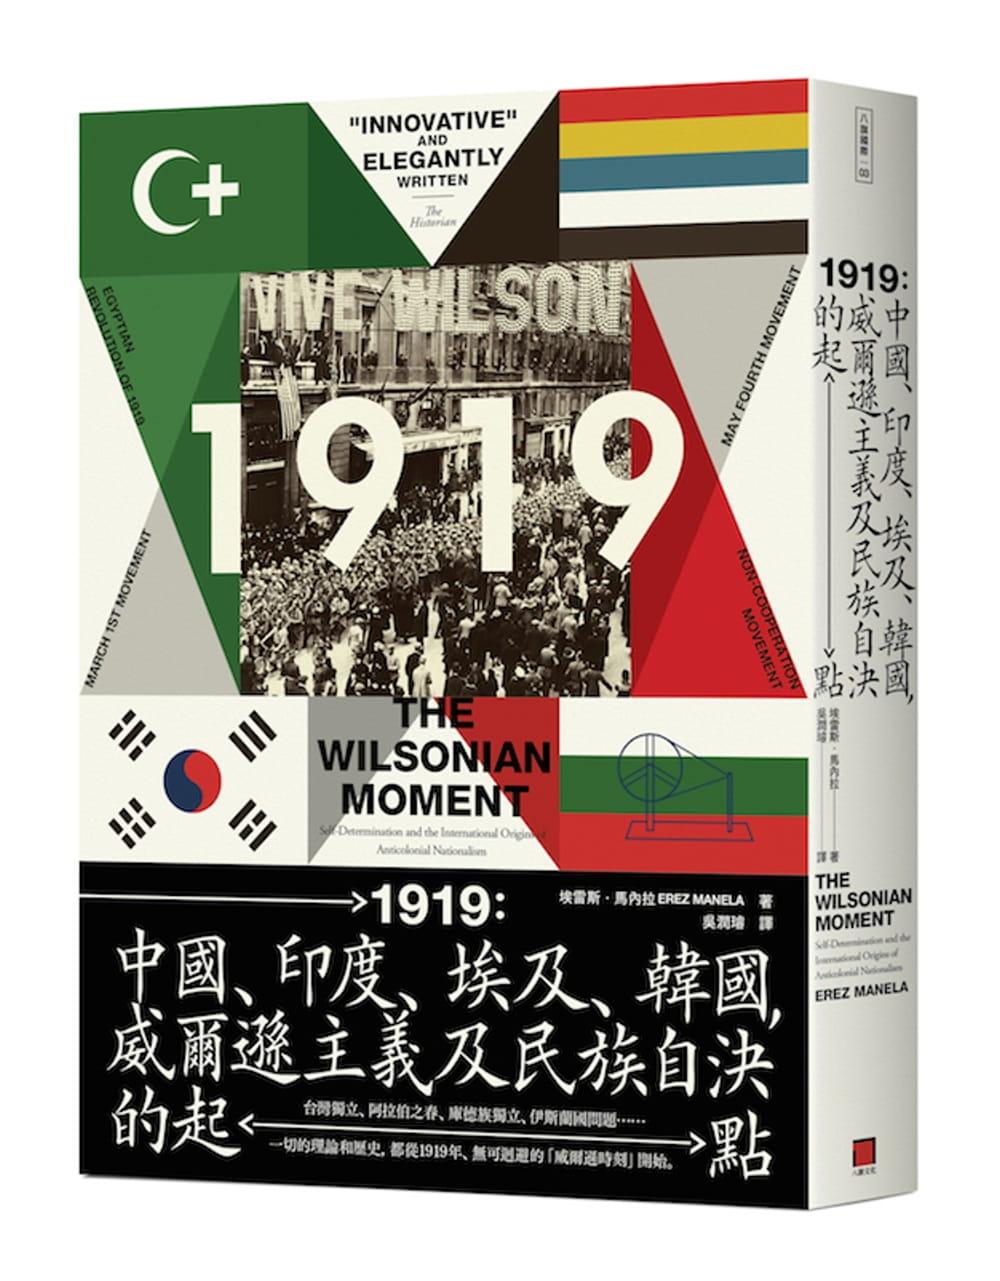 《1919──中國、印度、埃及和韓國,威爾遜主義及民族自決的起點》